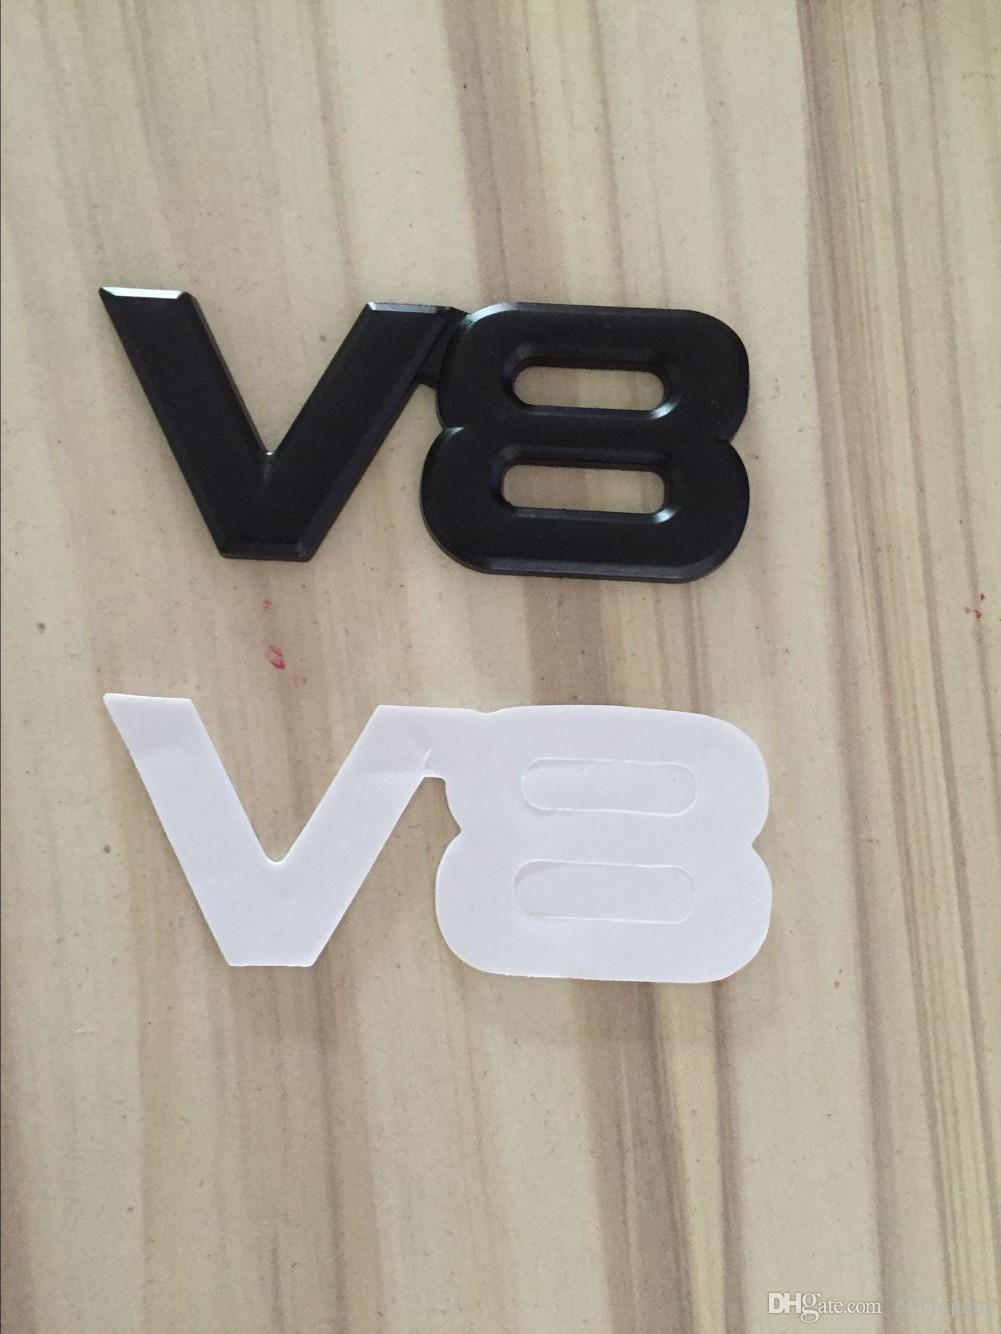 стилизации 3D Metal V8 Эмблемы Значки автомобилей Наклейки автомобилей черный и серебристый